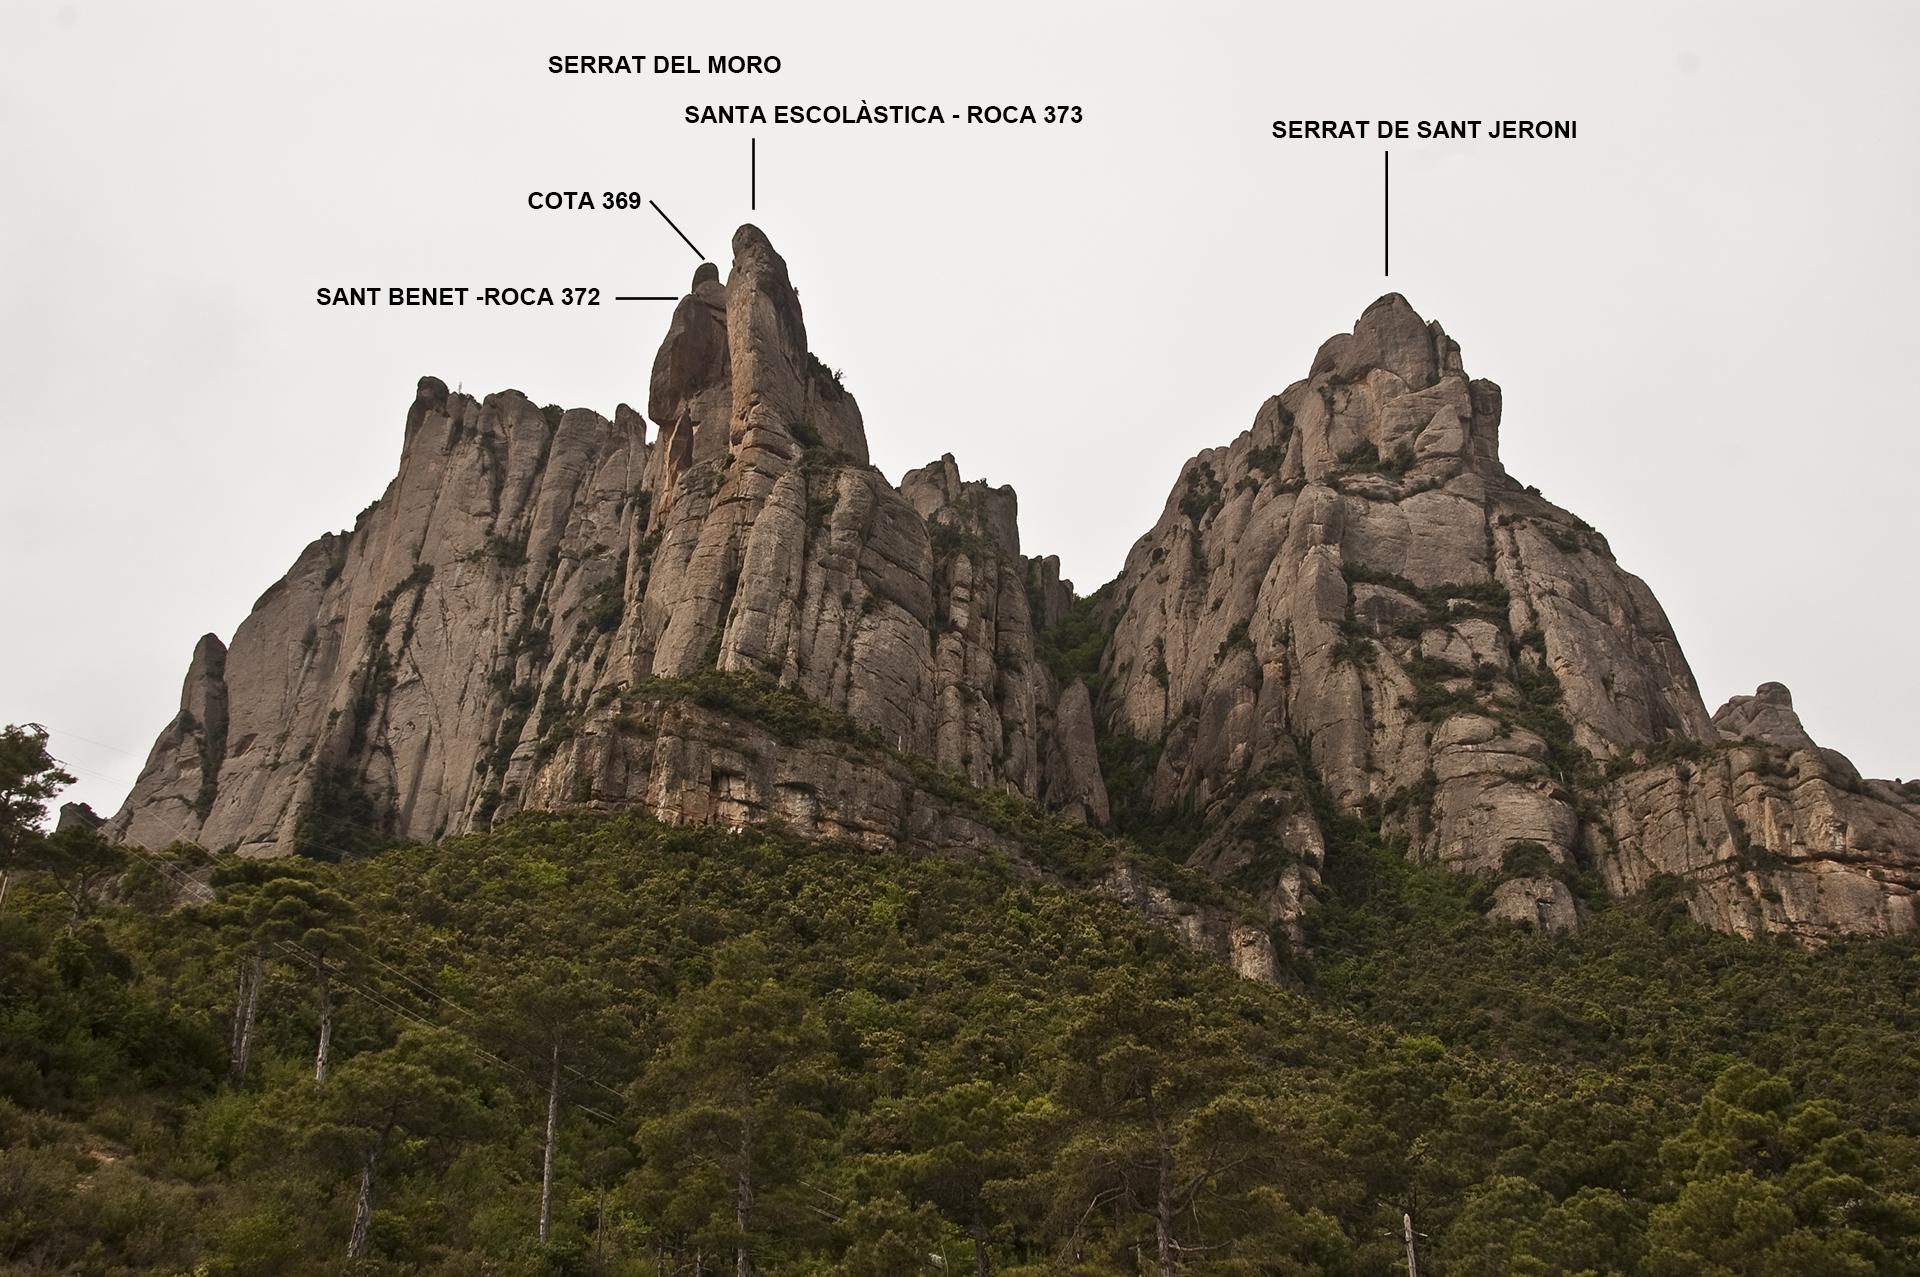 Serrat del Moro i Serrat de Sant Jeroni